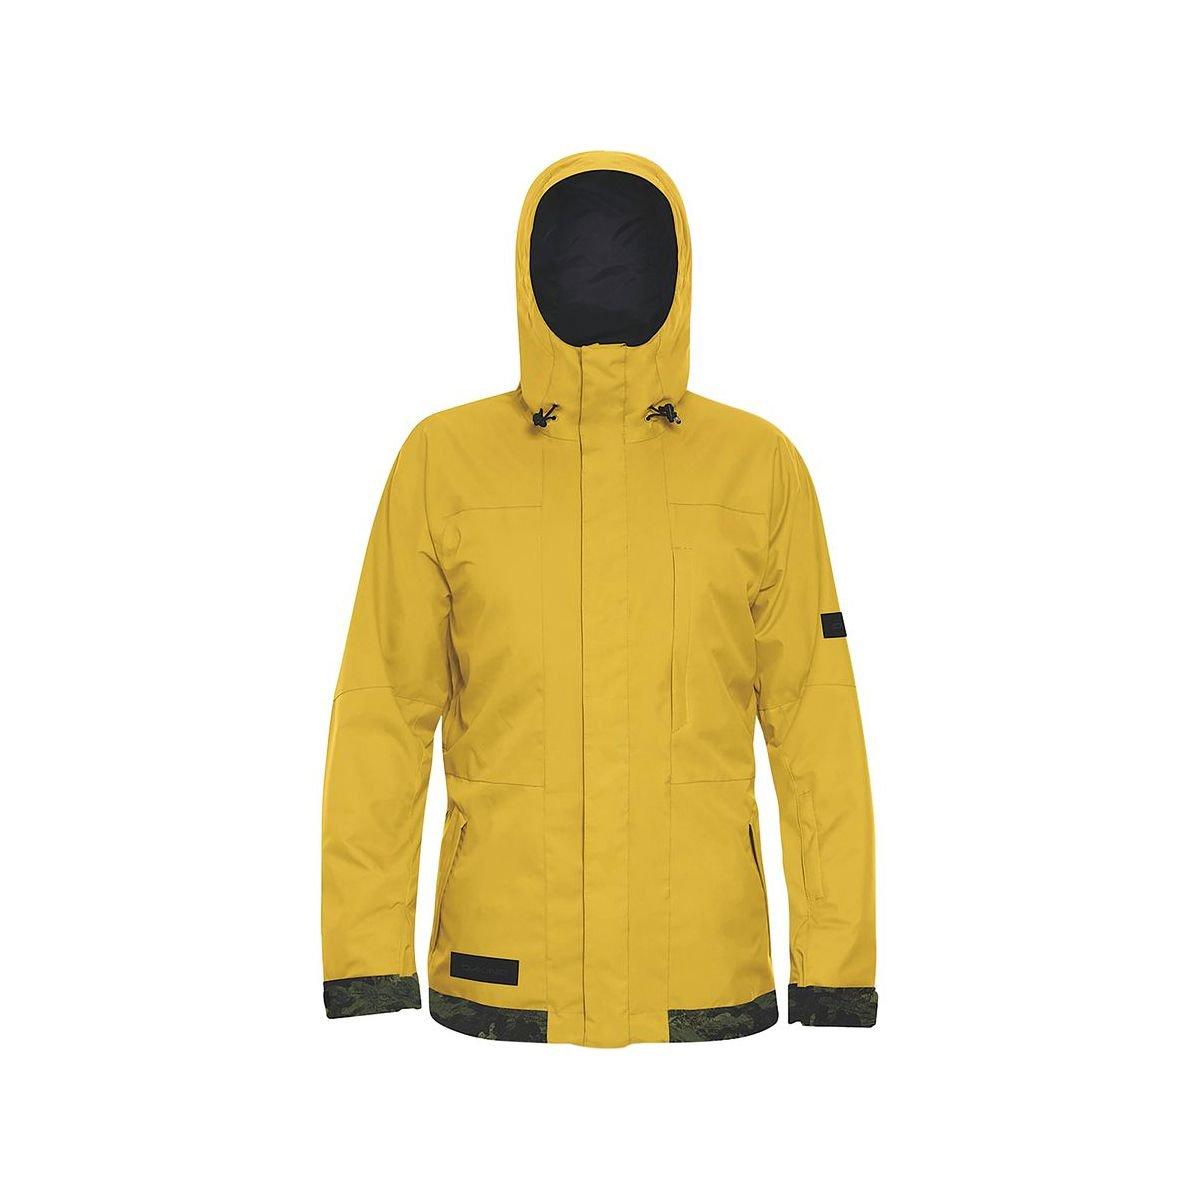 Da Kine Incline Jacket Curryptcmo Gr M günstig bestellen